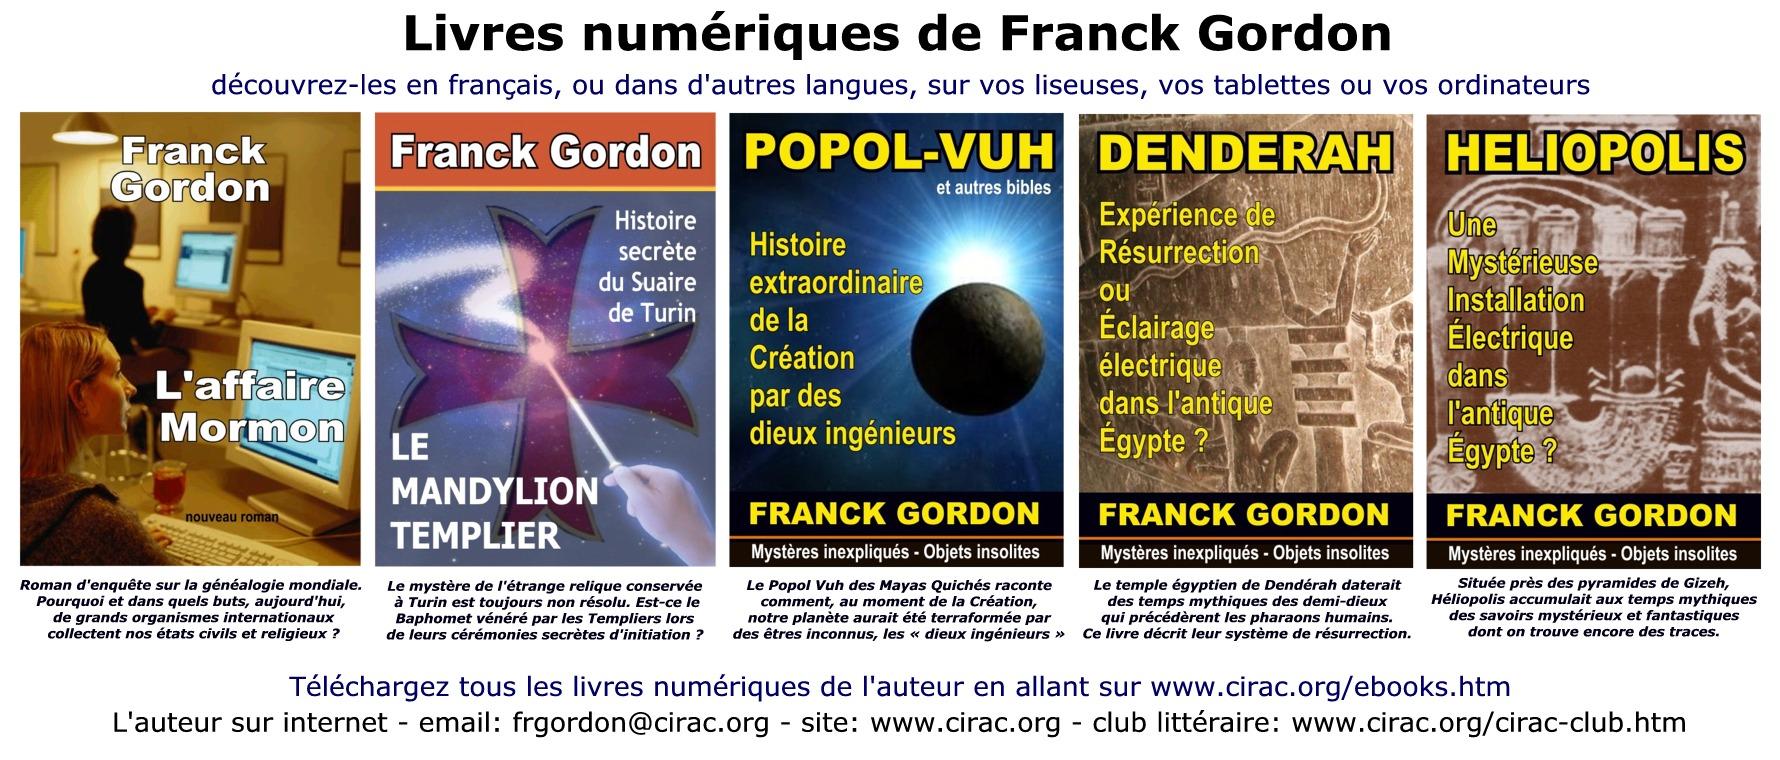 Franck Gordon présente tous ses livres dans des articles ou lors de ses conférences